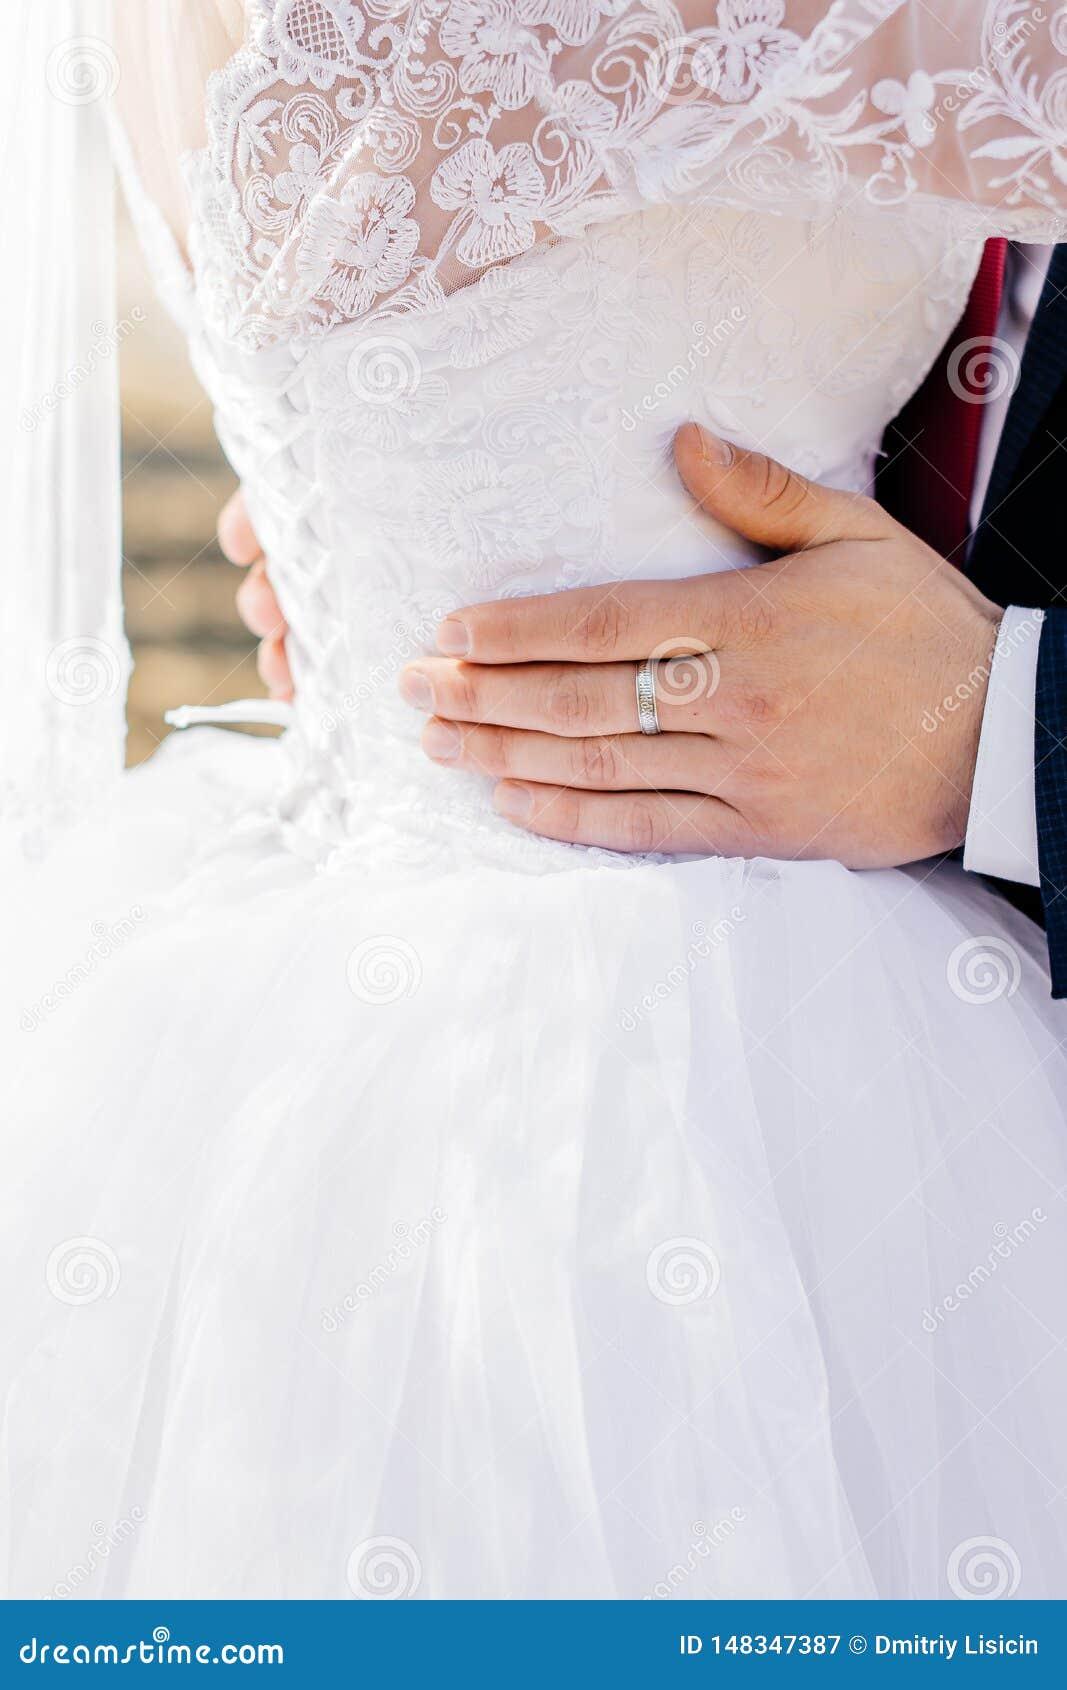 年轻新郎拥抱新娘